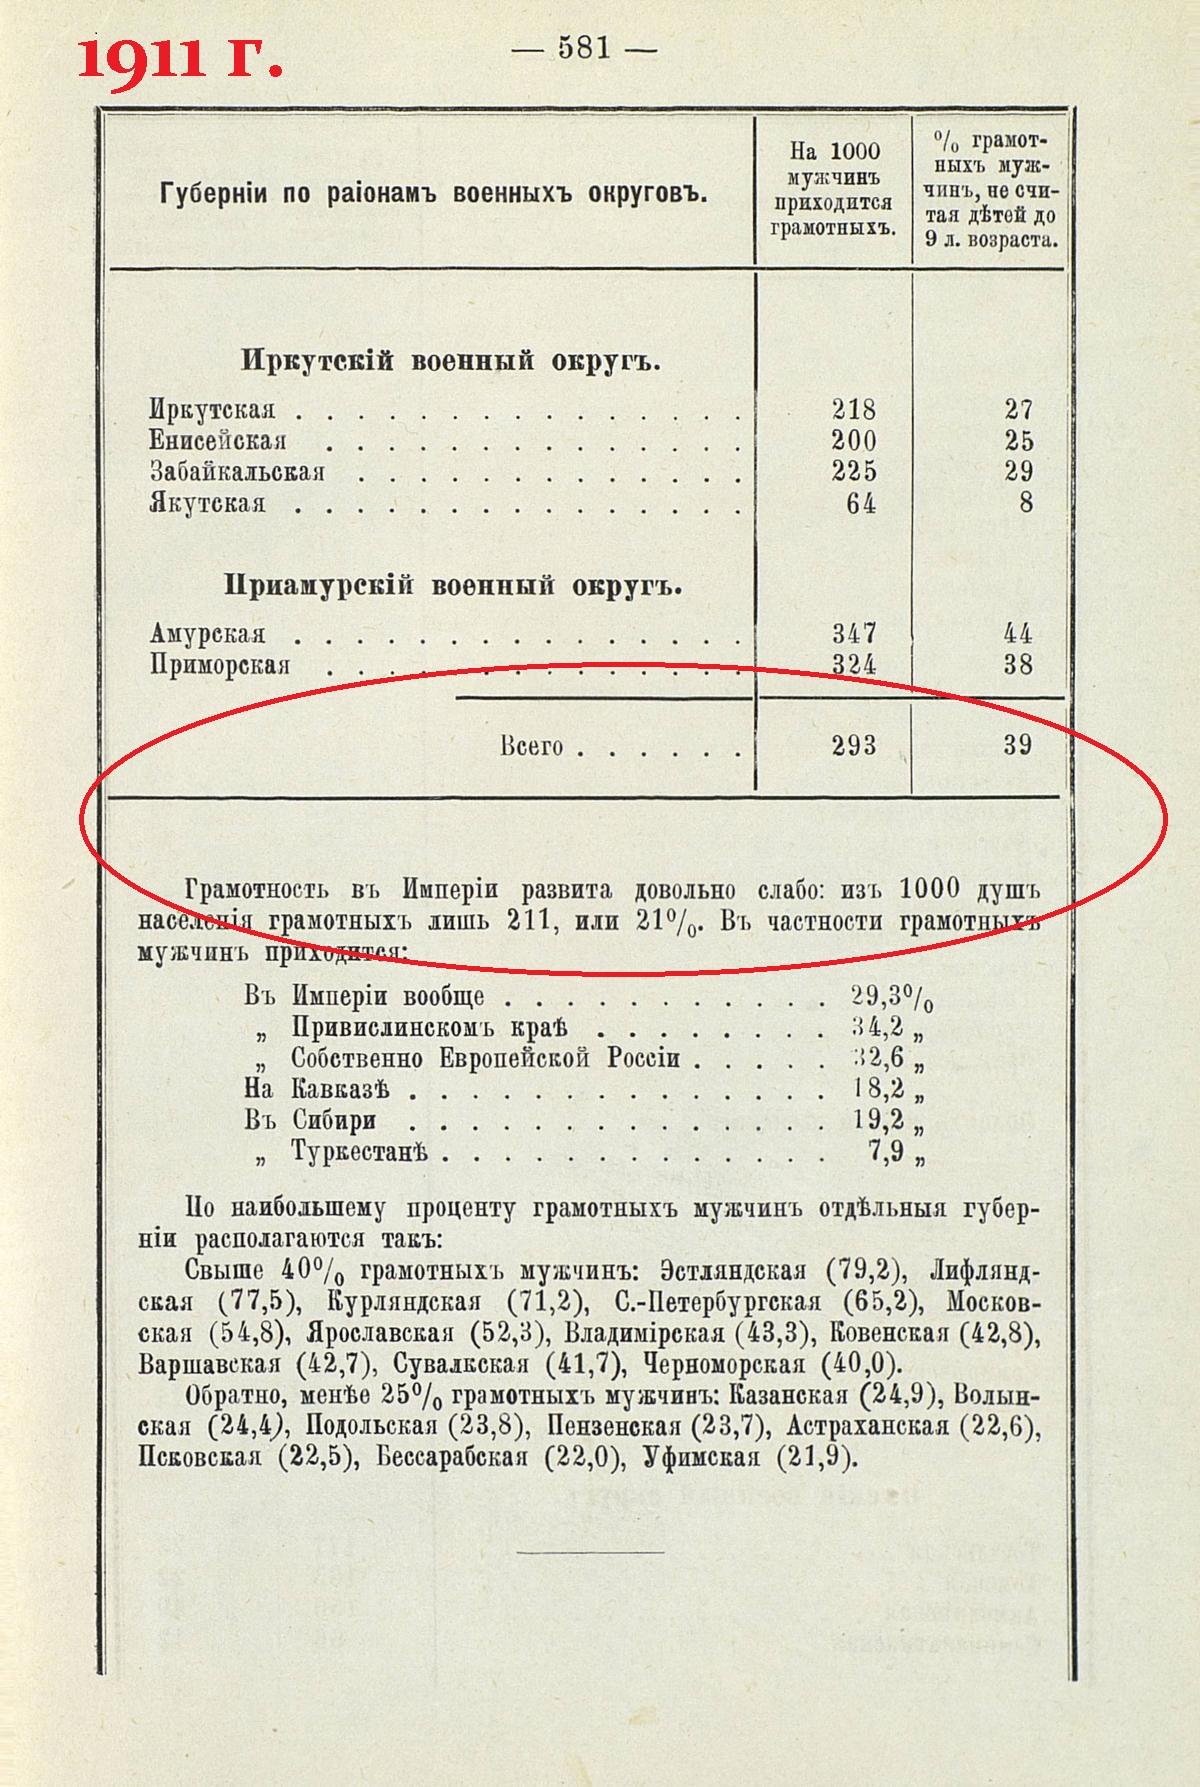 стр 581 Военно-статистический ежегодник за 1911г.